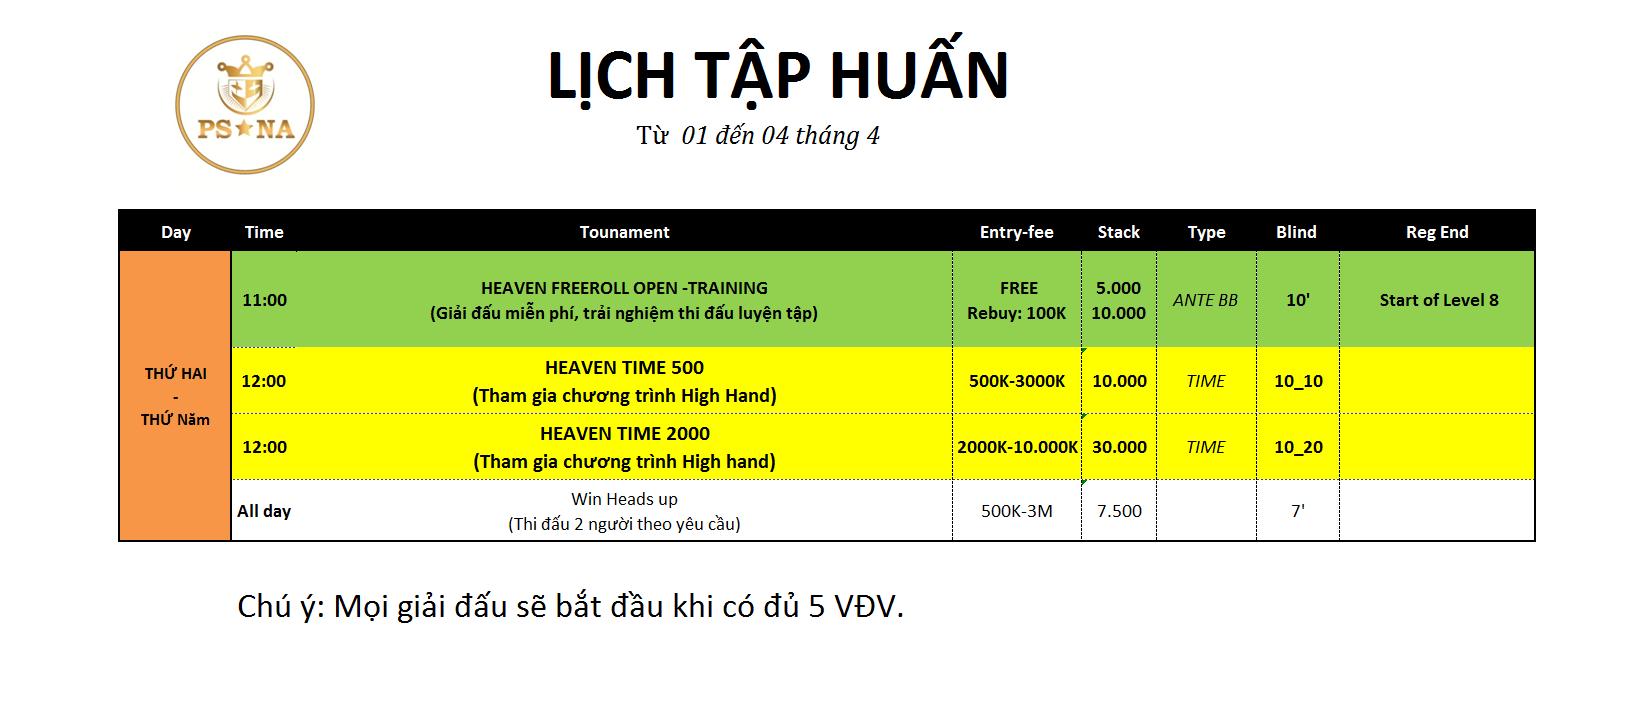 lich thi dau.png